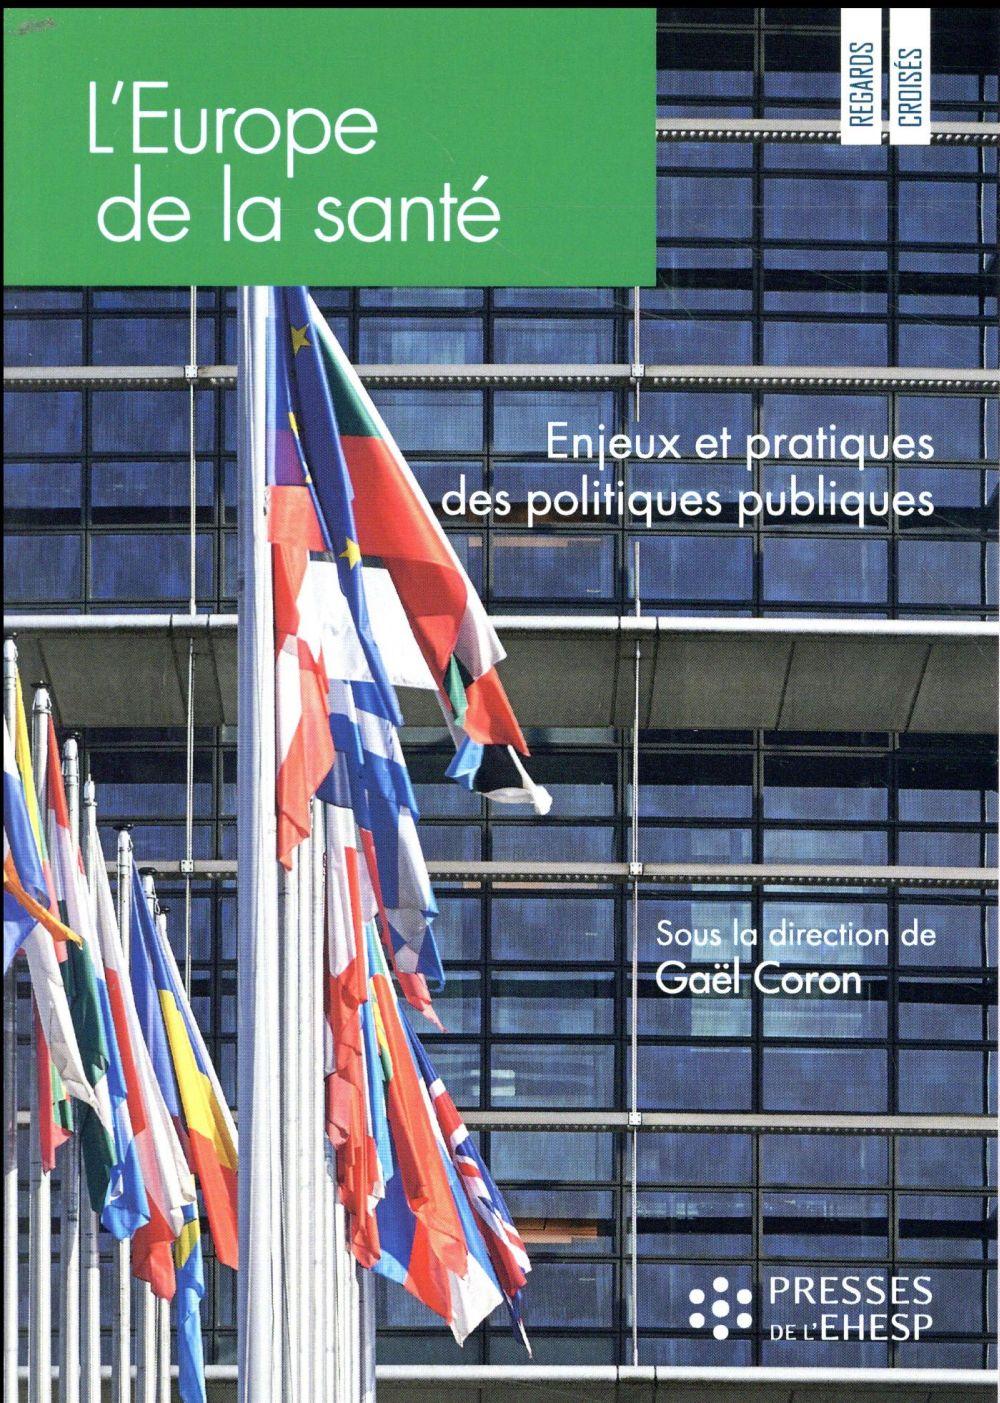 L'Europe de la santé